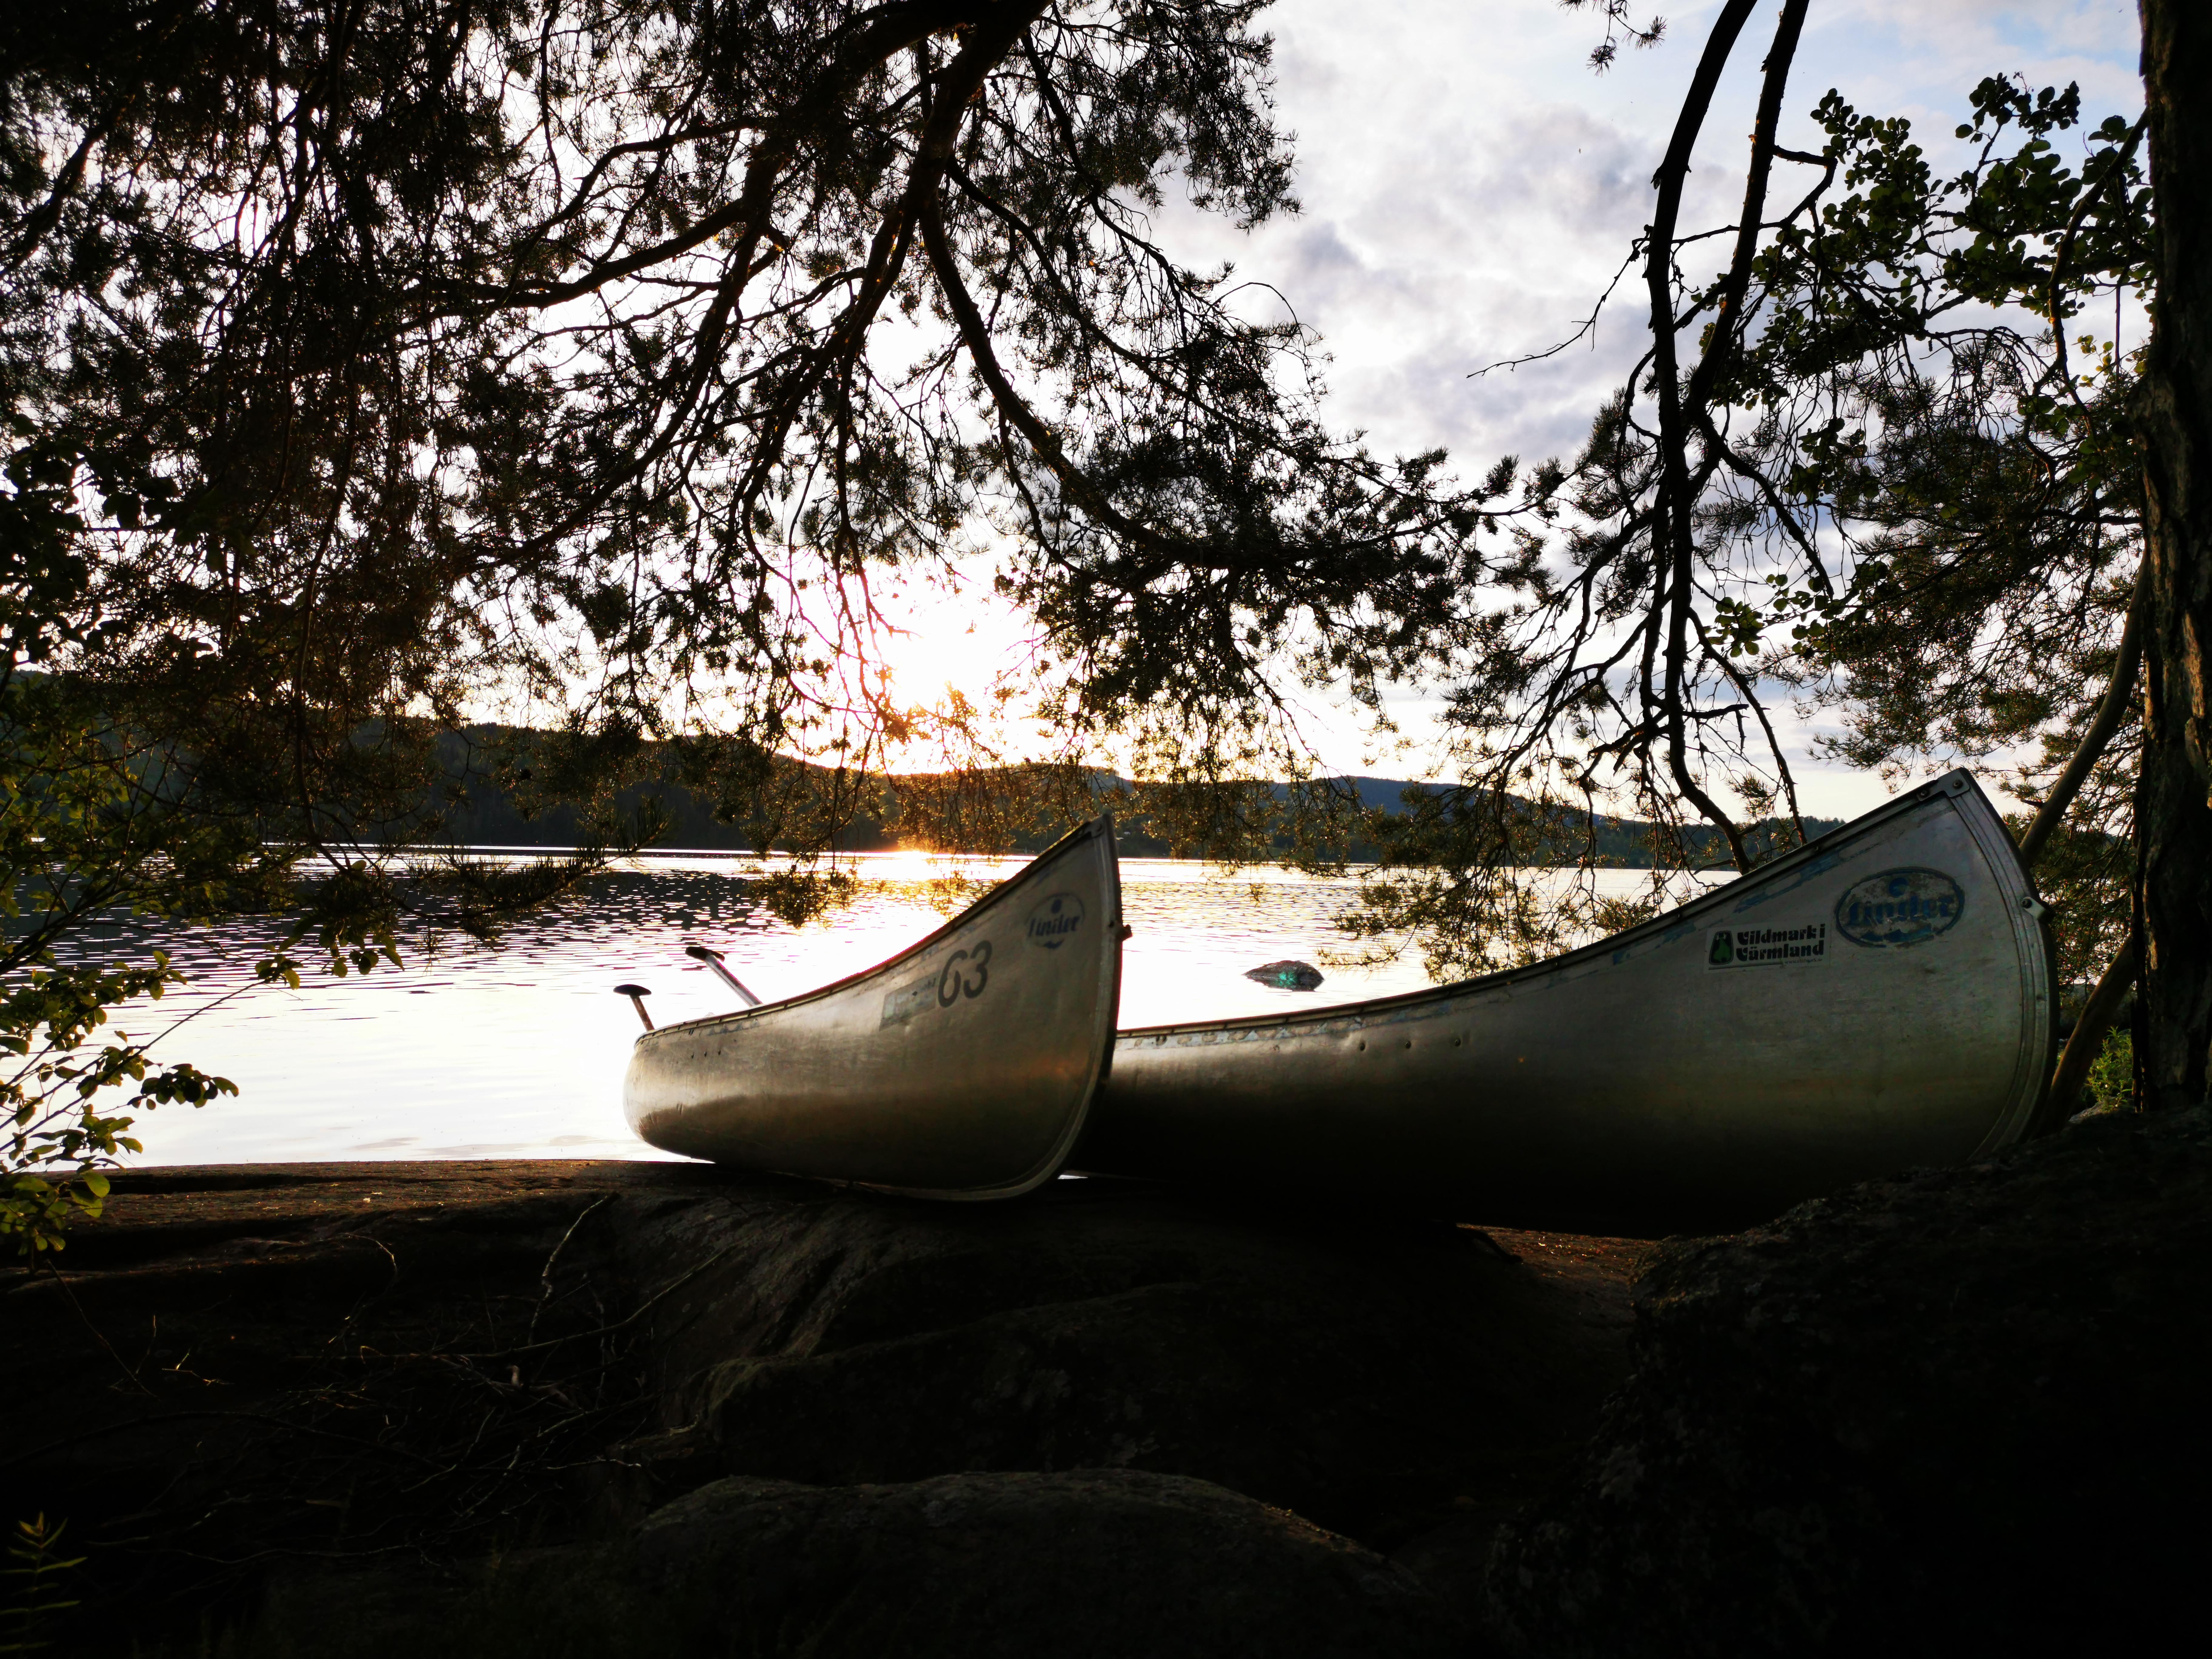 Zwei Boote liegen am See